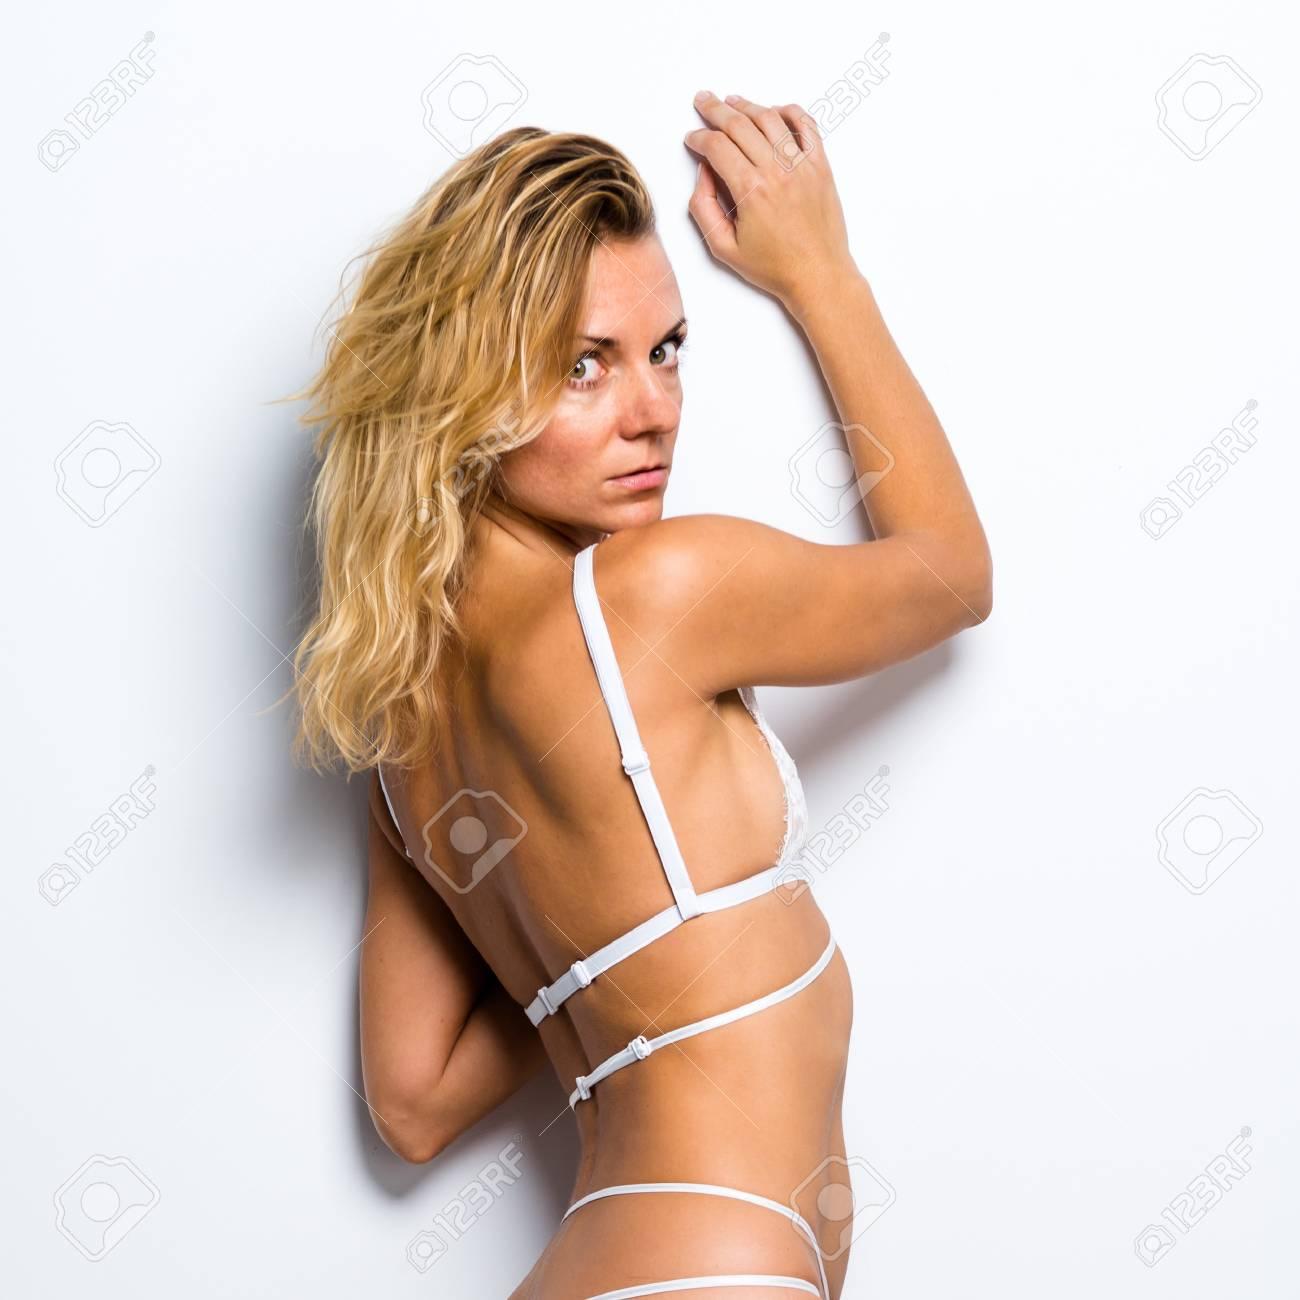 Nude young girl bondage